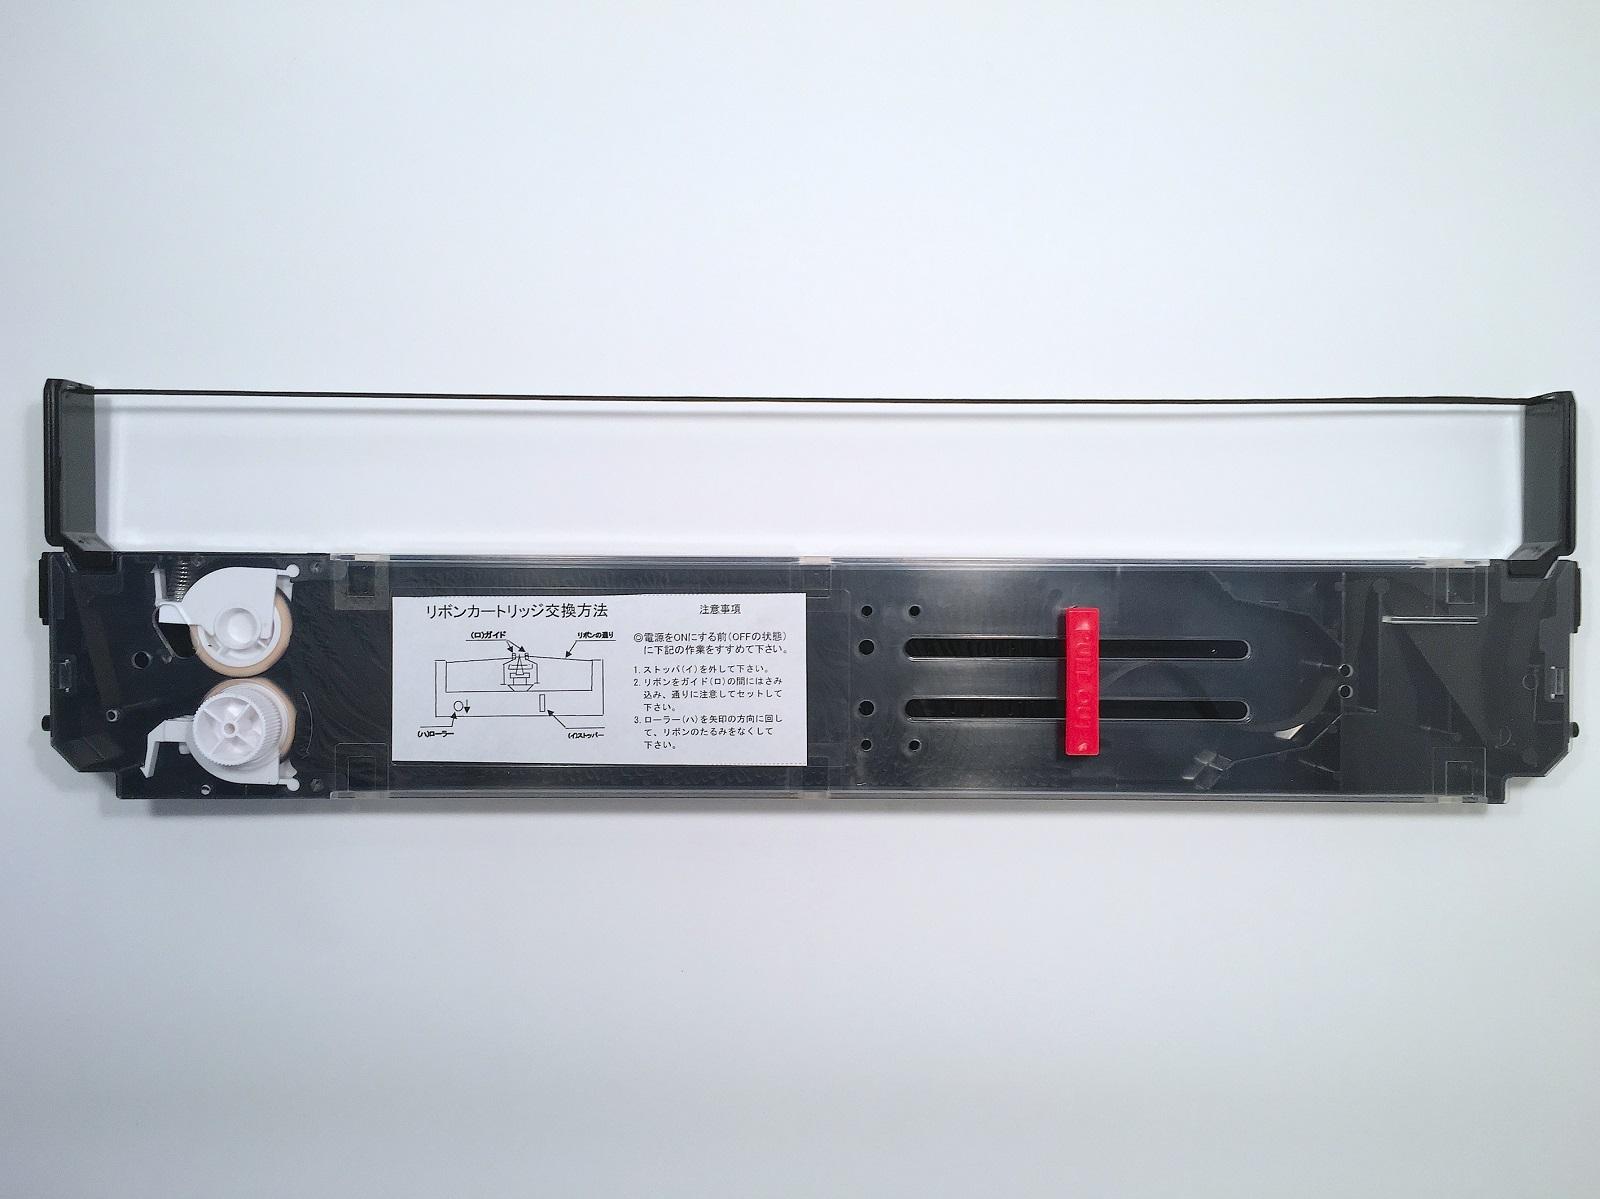 沖/ (SZ-11730)(BK) OKI 6個(送料無料) 用 汎用品インクリボンET8550 OKI (SZ-11730)(BK) 6個(送料無料), 数量限定セール :4f619c4c --- data.gd.no